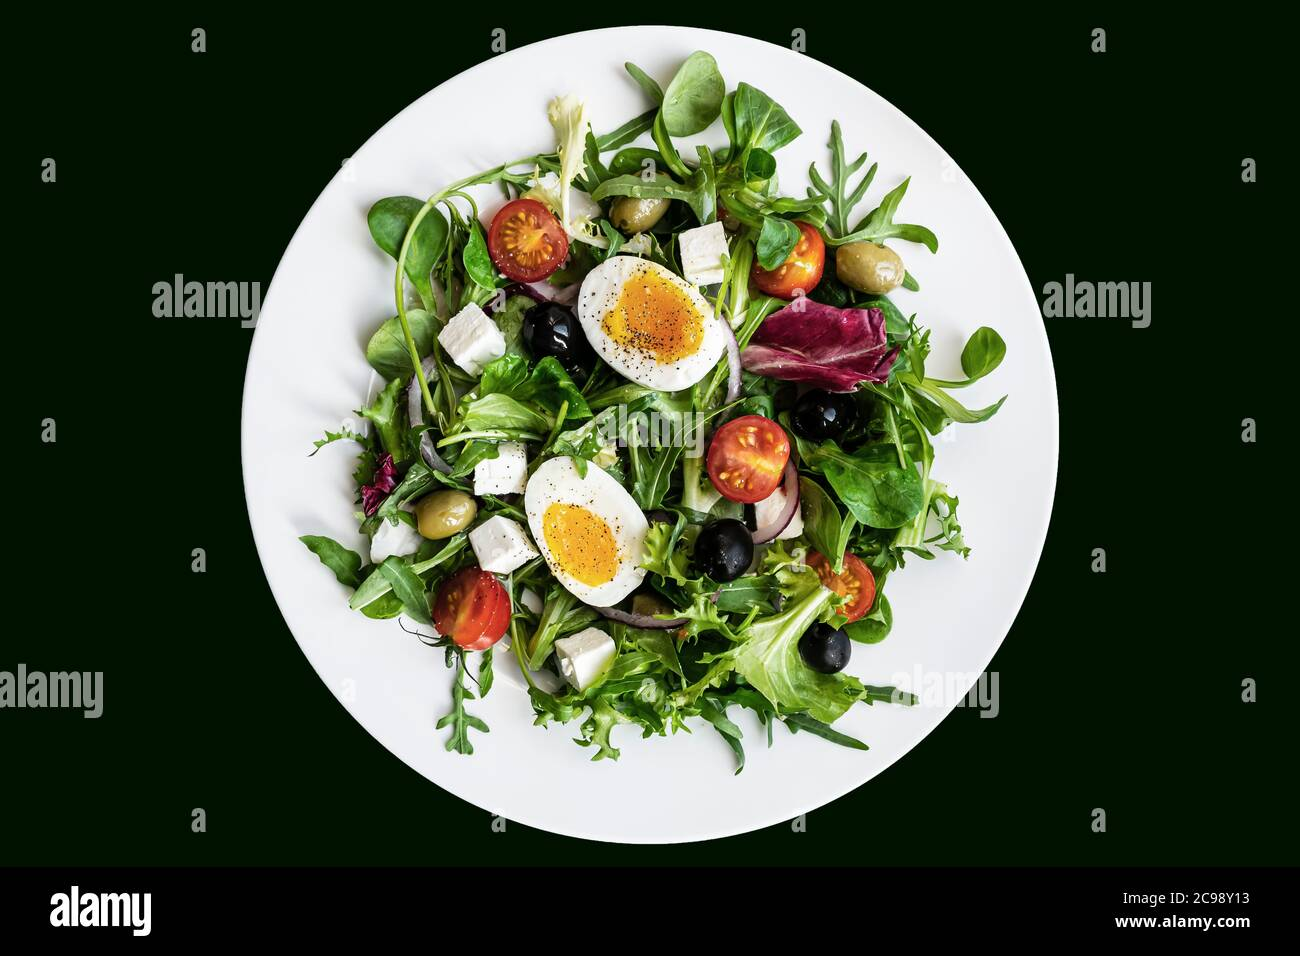 Salade verte saine avec œuf dur, feta, olives, tomates cerises dans une assiette blanche sur fond noir. Flat lay, vue de dessus Banque D'Images